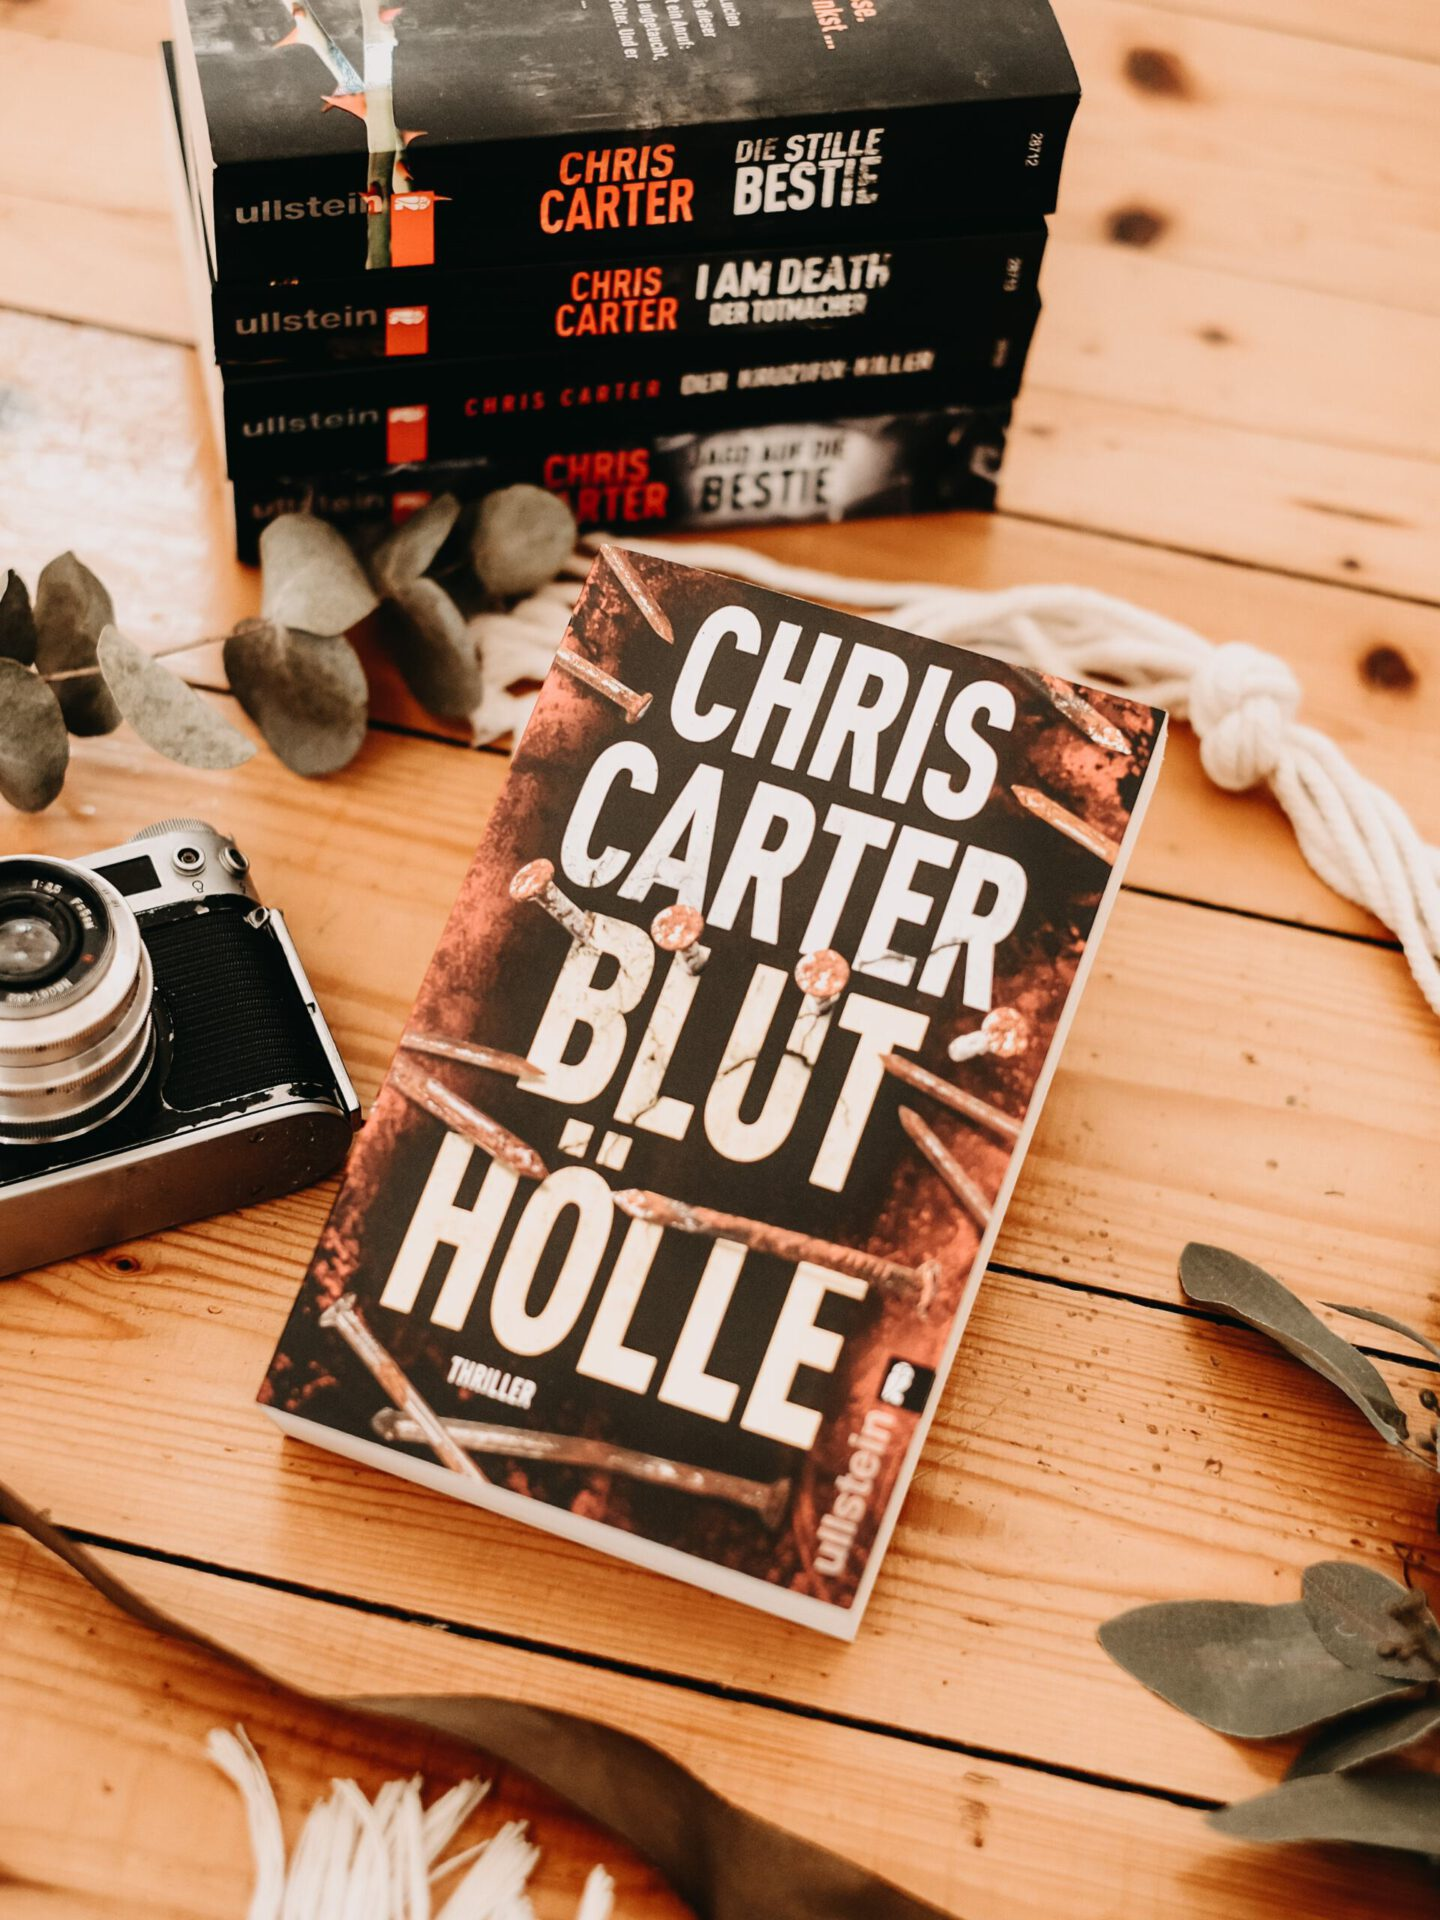 Chris Carter Reihenfolge